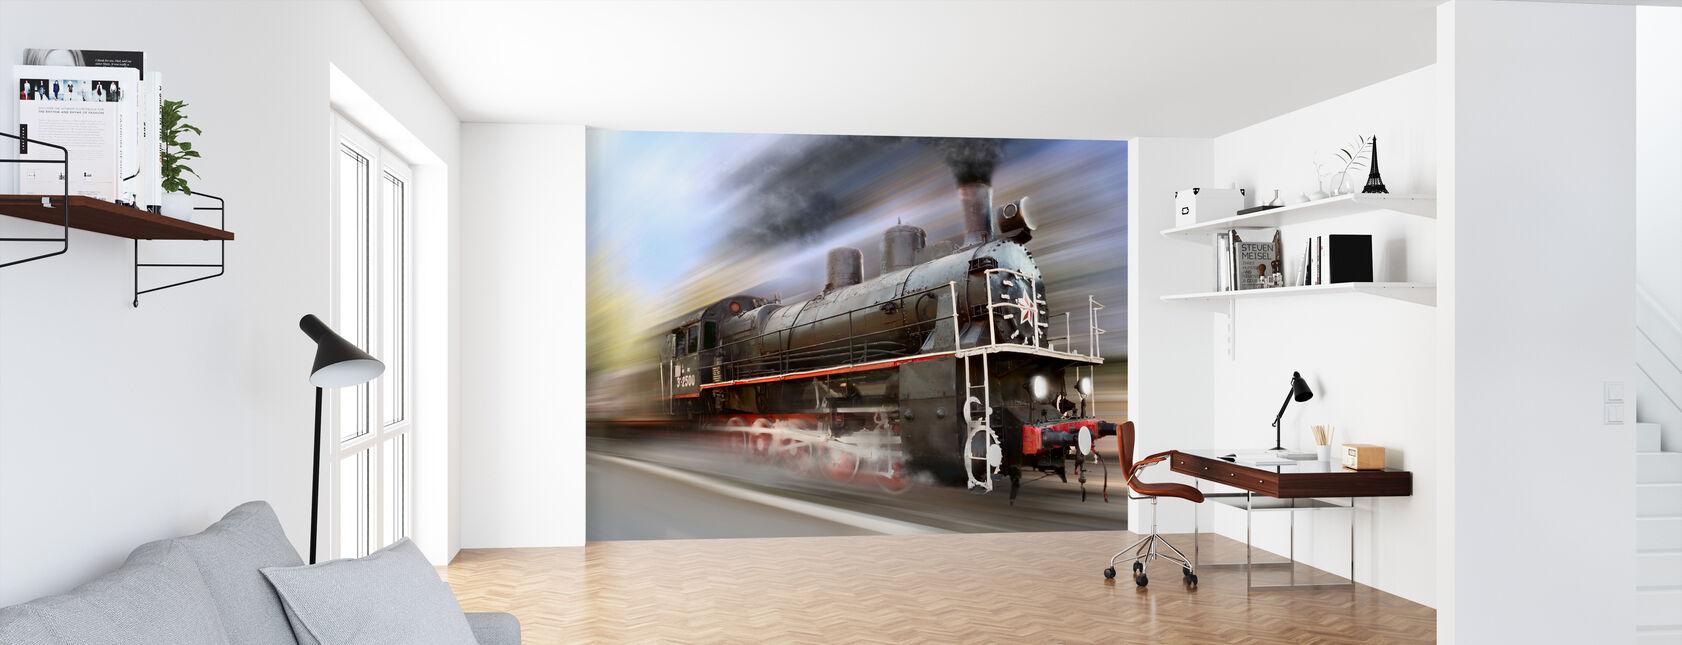 Speeding Steam Engine - Wallpaper - Office